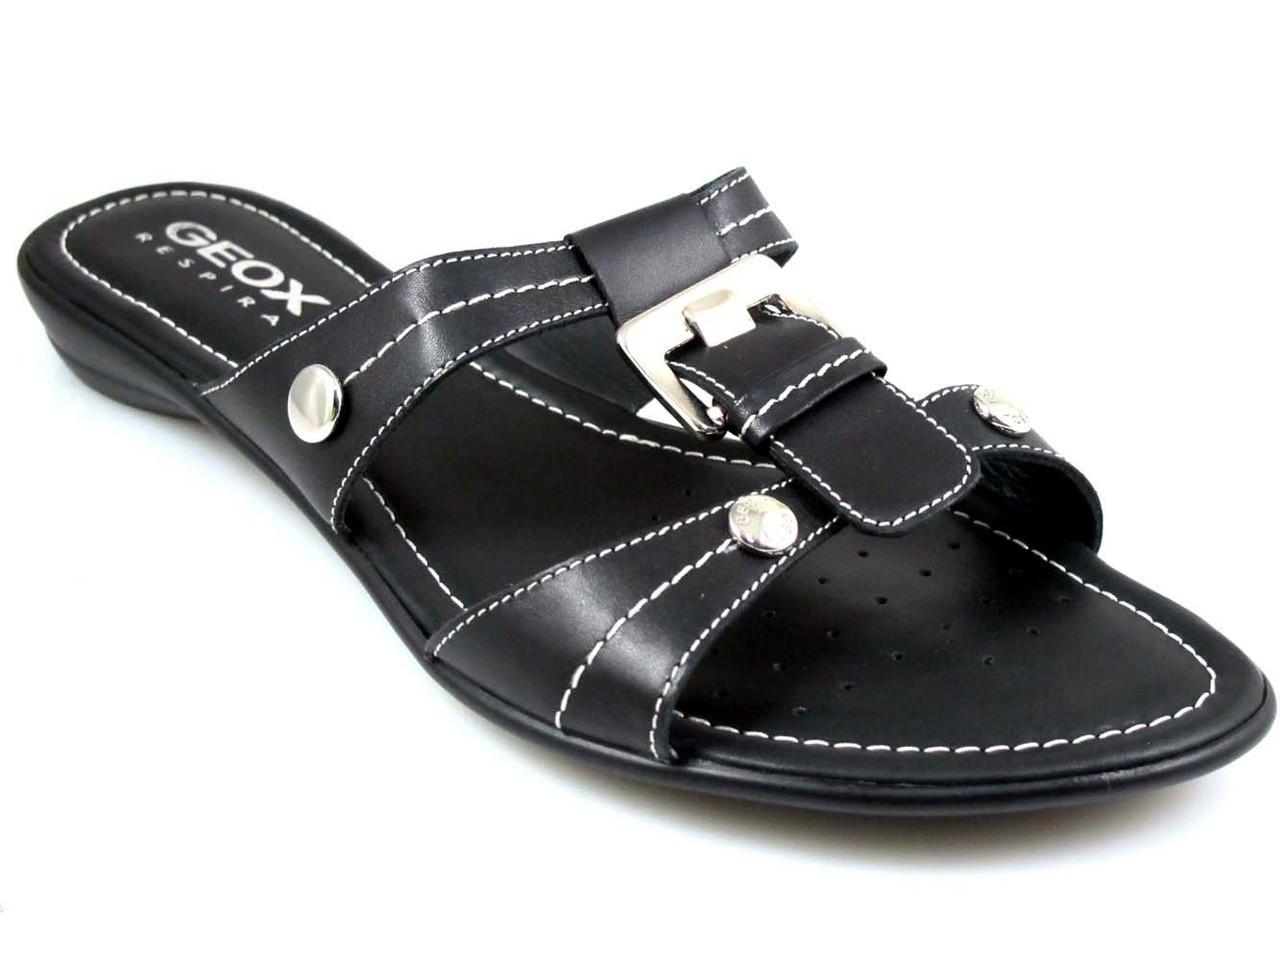 Geox Women Nada Slide Flat Sandal In White And Black - Davinci Shoes New  York